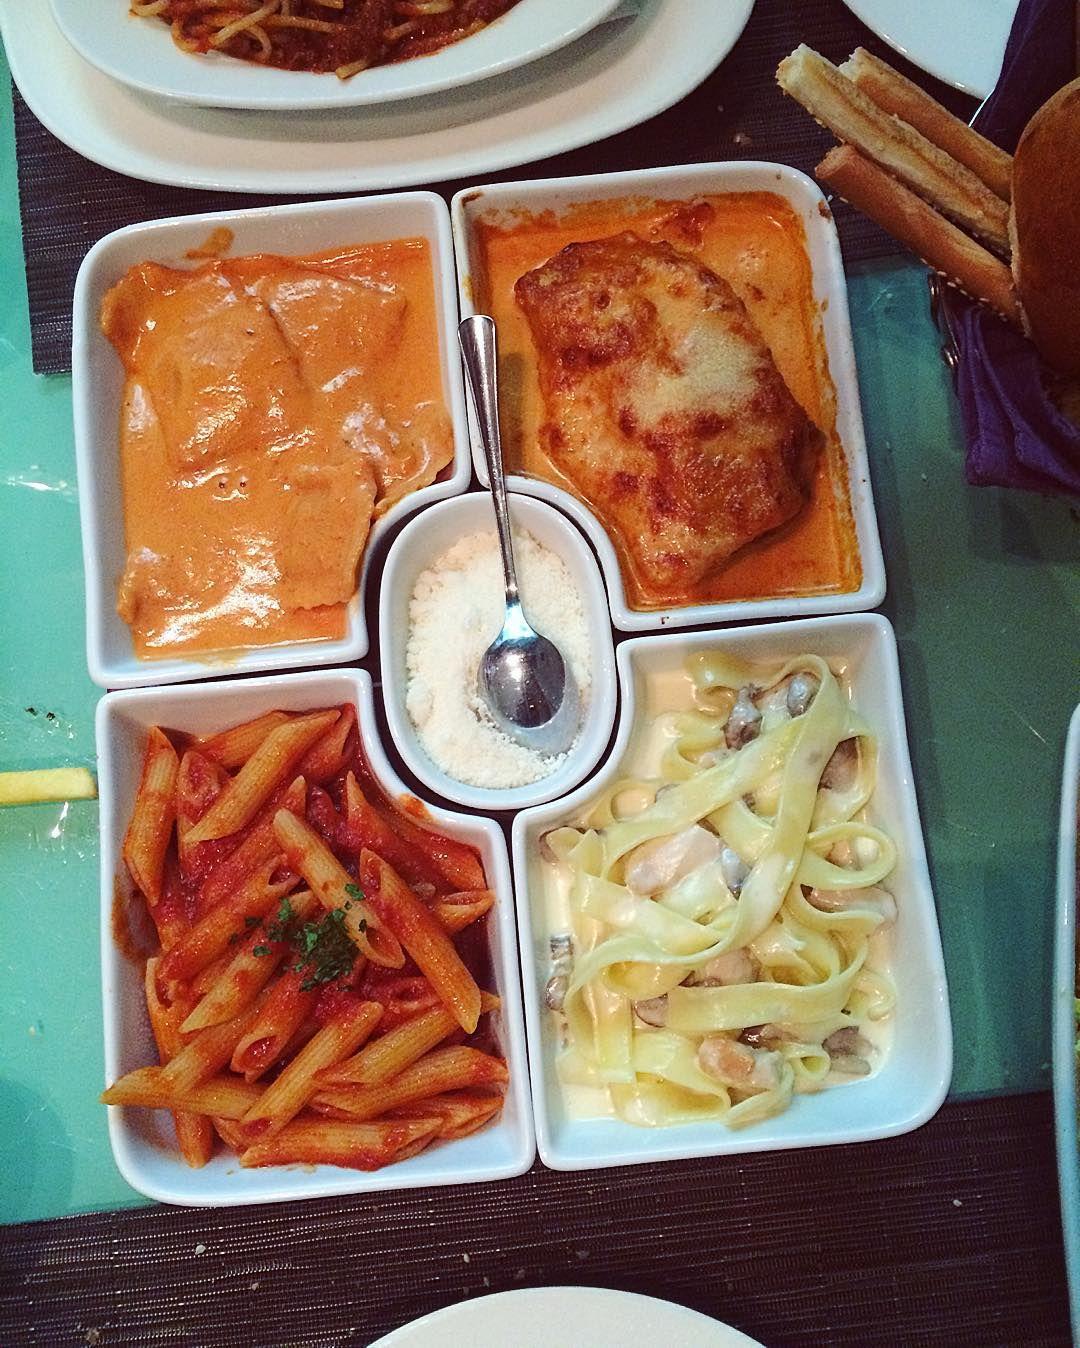 ساره الخراشي On Instagram الايطالي والشامي من احب انواع الاكل بالنسبة لي ويجي بعدهم على طول السي فود وانت Food Breakfast Instagram Posts